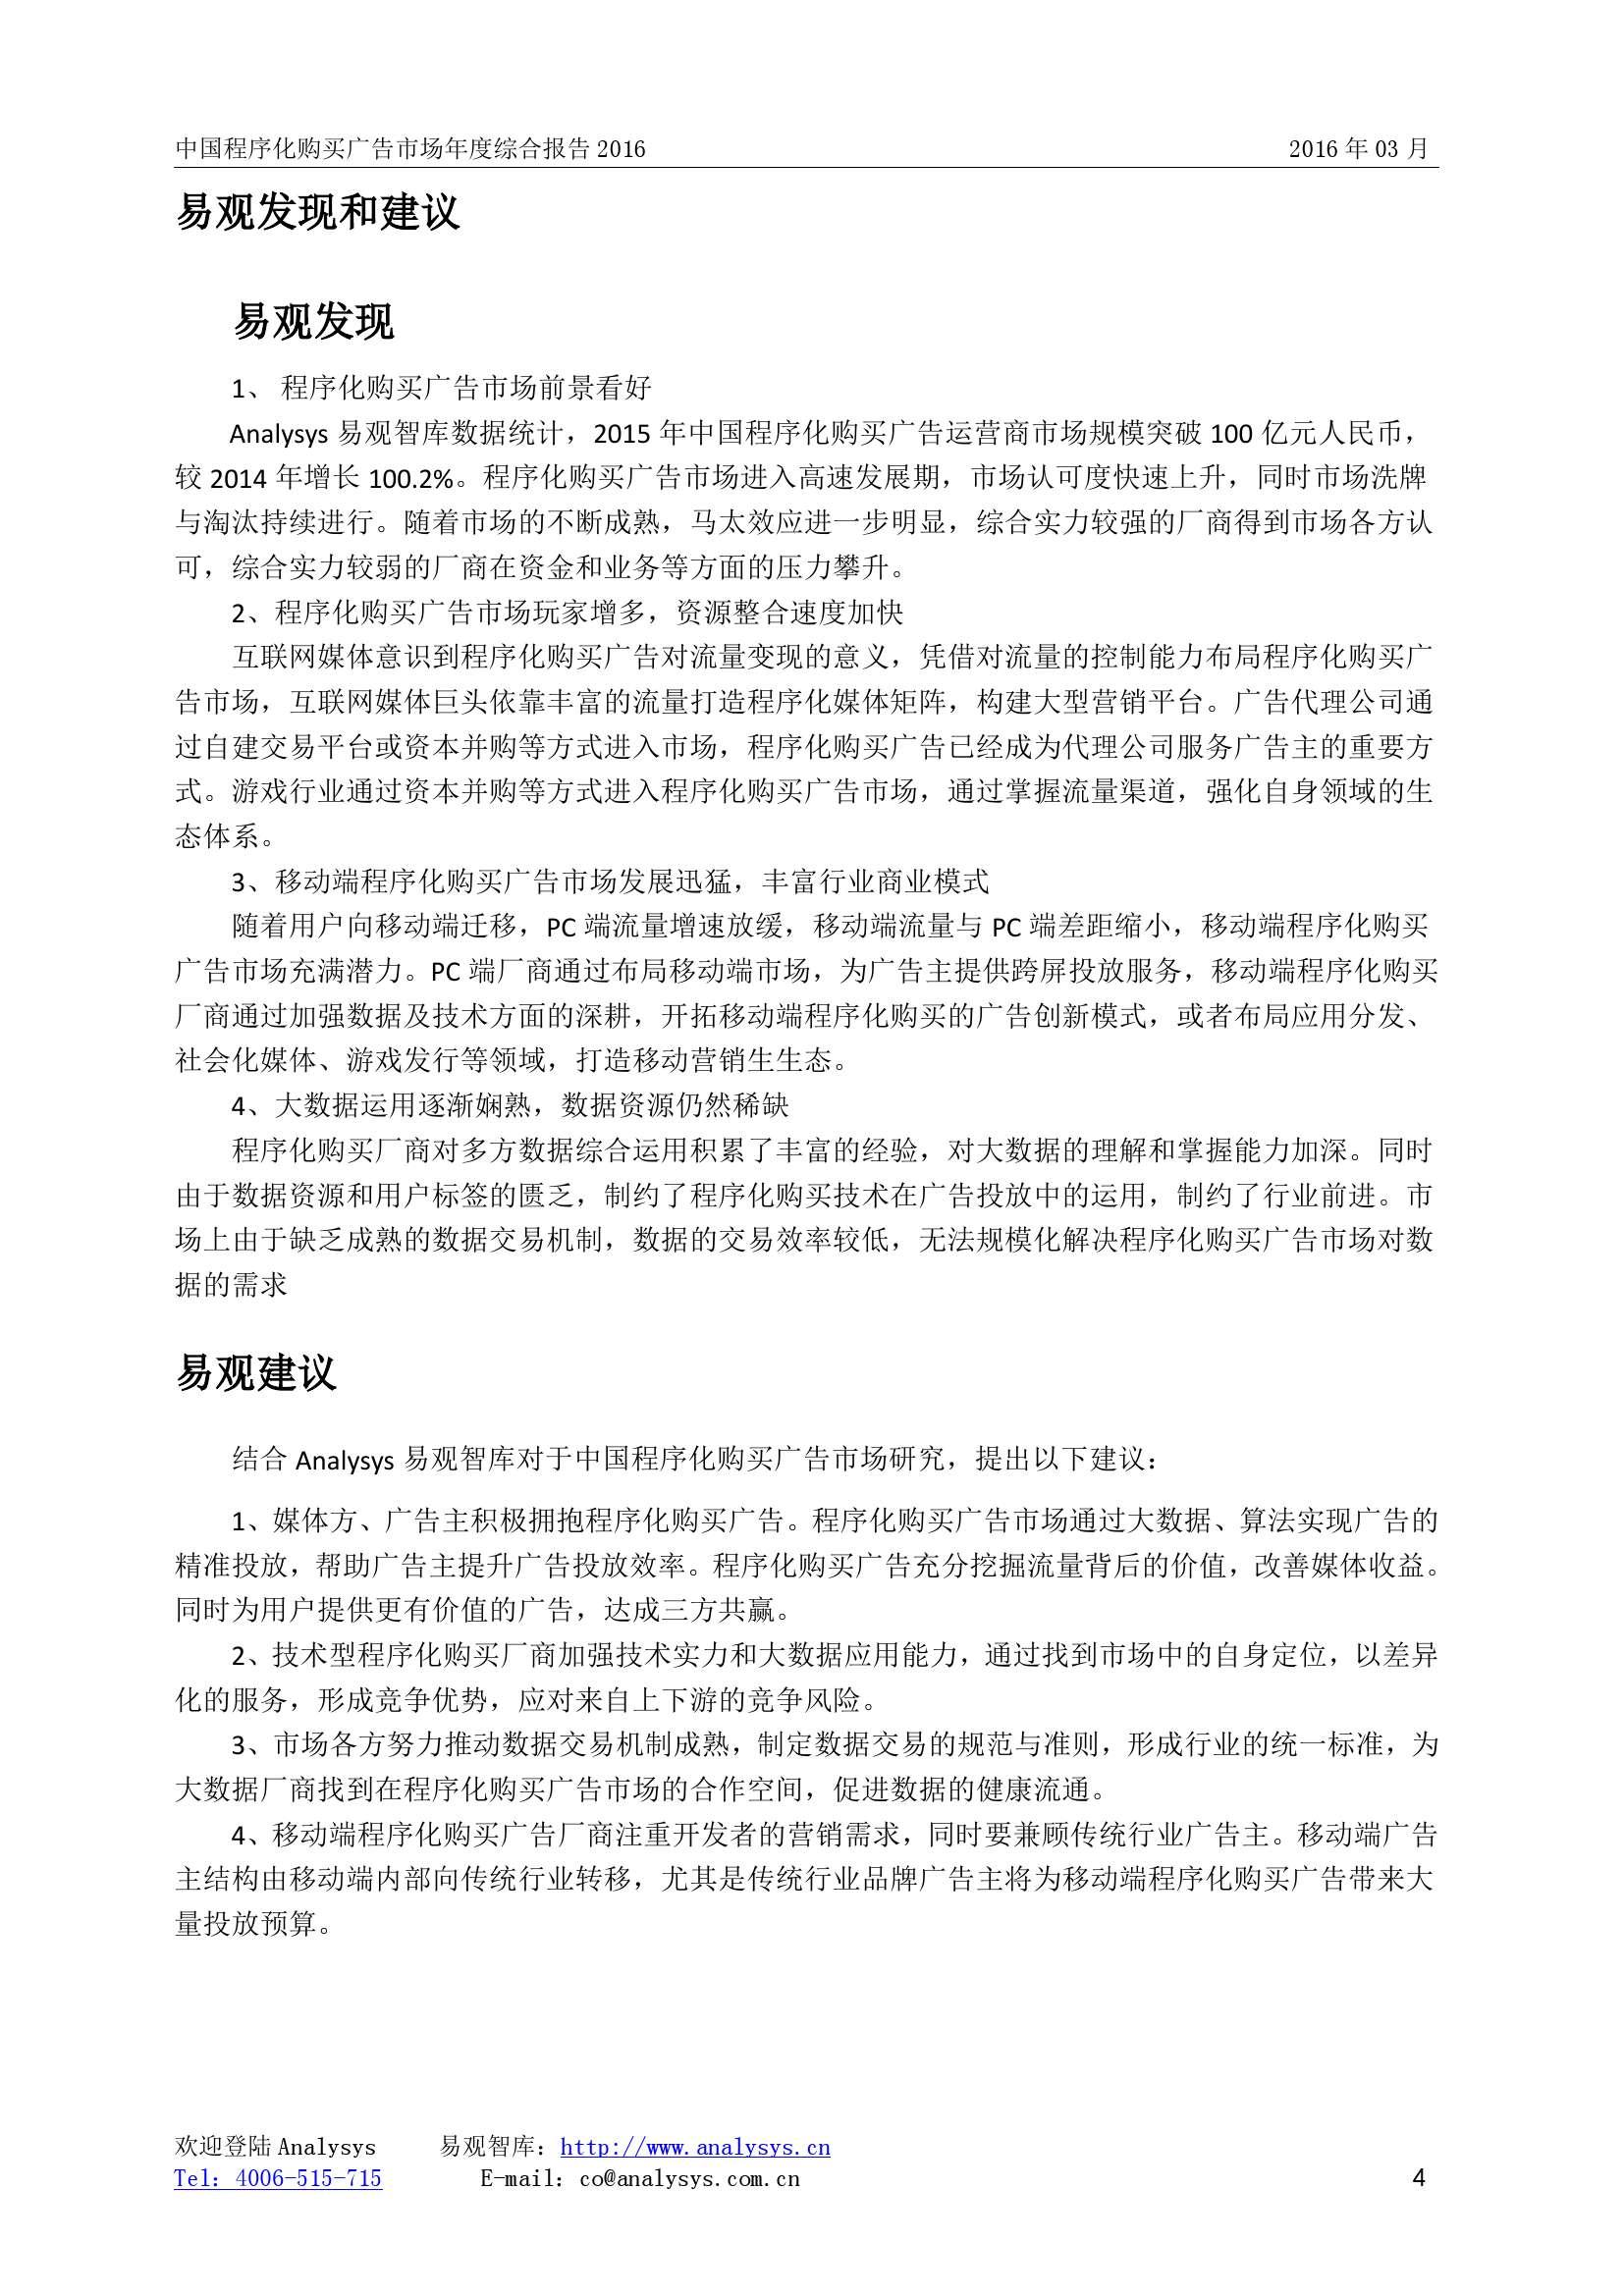 中国程序化购买广告市场年度综合报告2016_000004